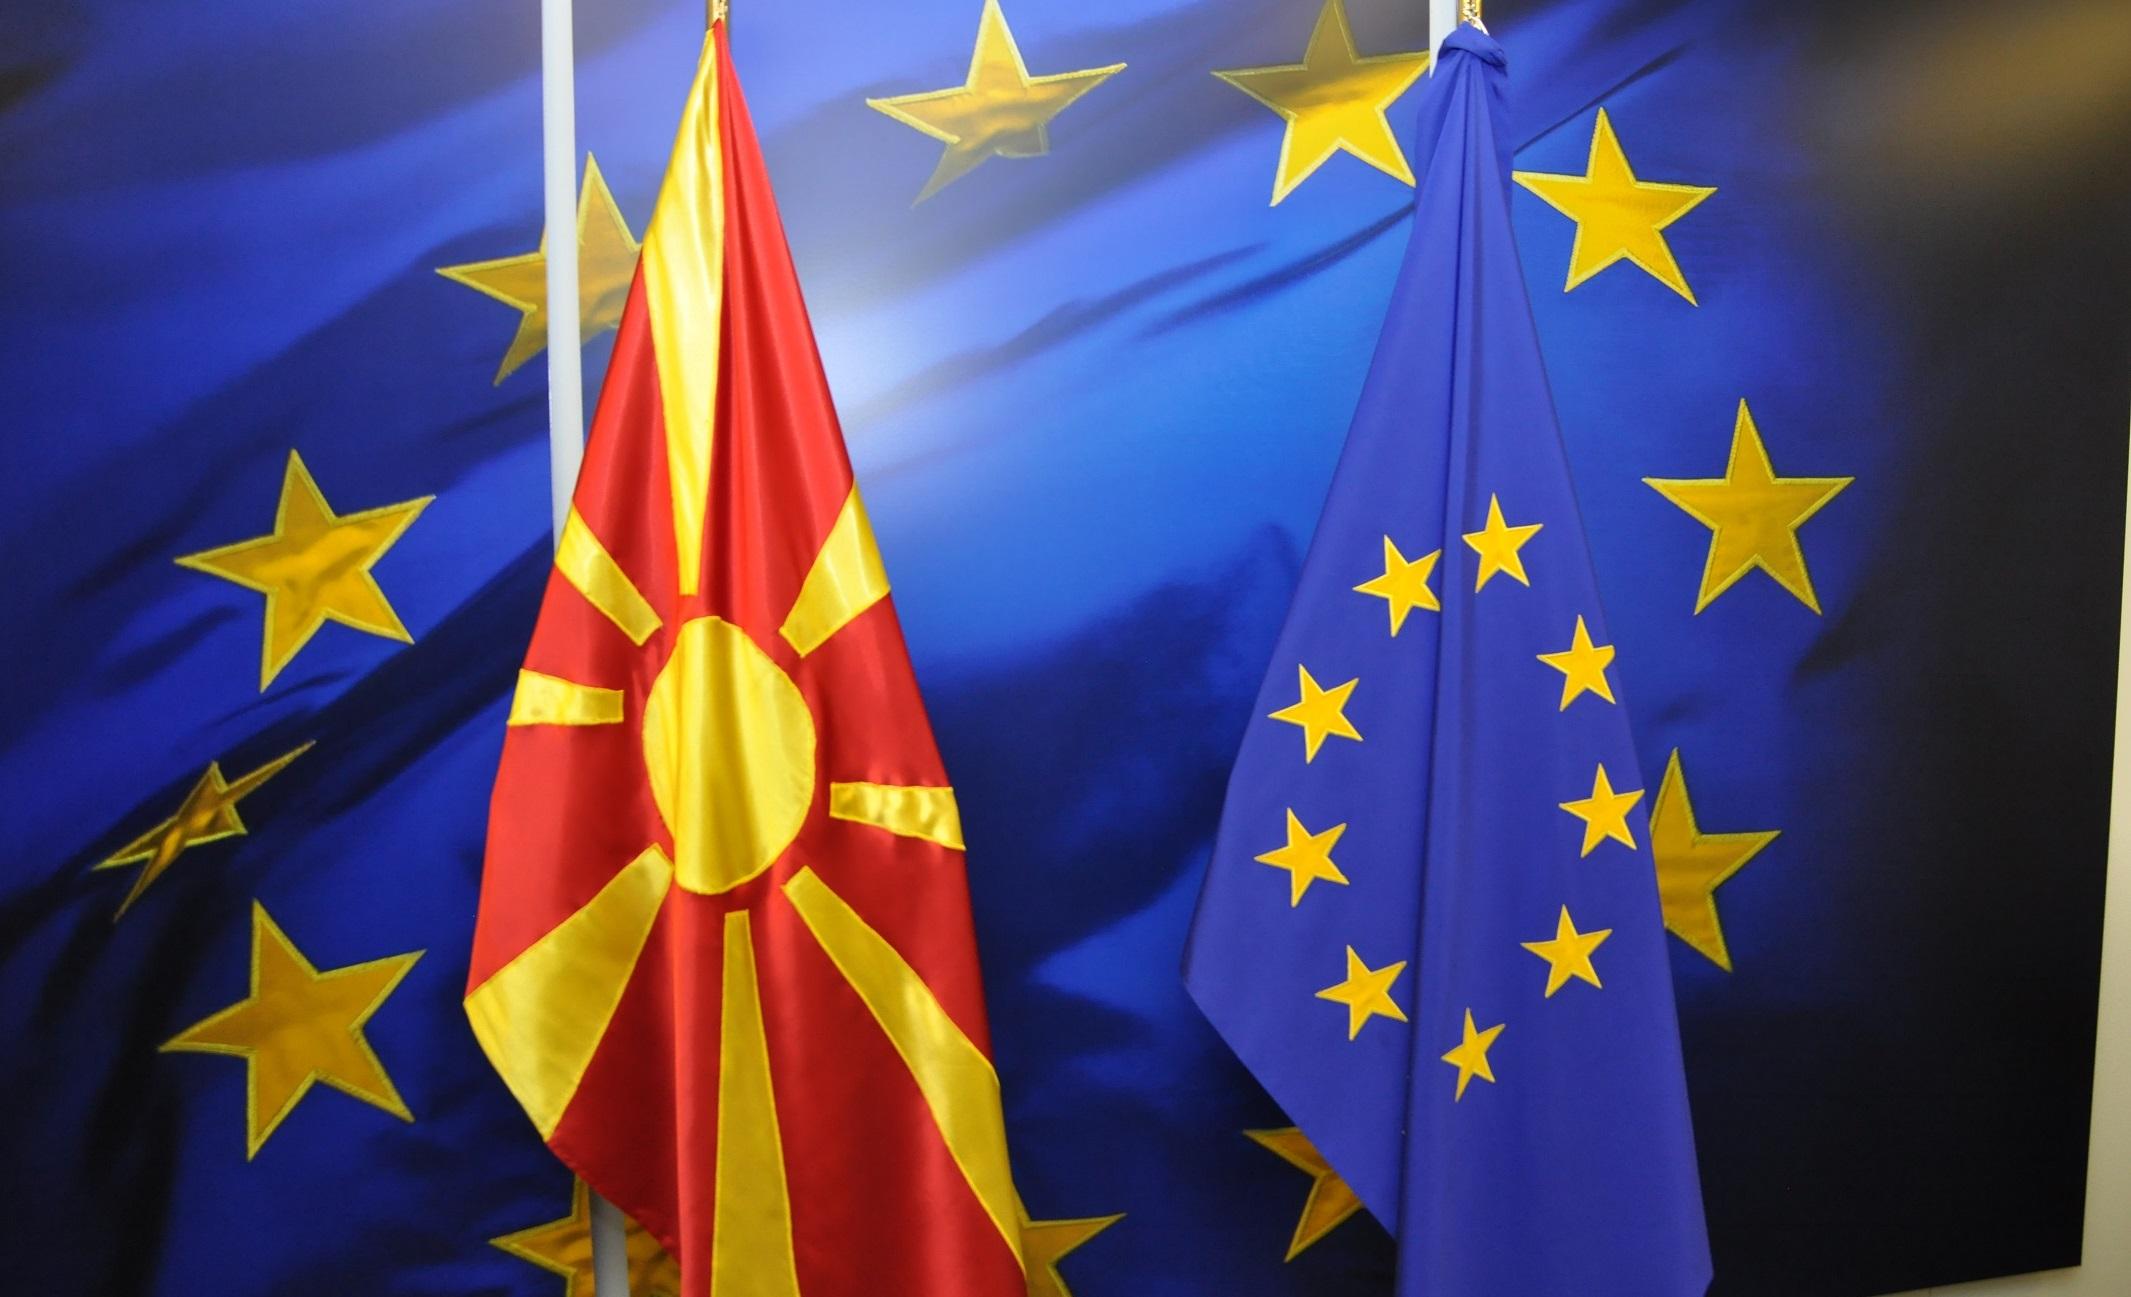 Θα δοθεί ημερομηνία για την έναρξη των ενταξιακών διαπραγματεύσεων για τη Βόρεια Μακεδονία τον Οκτώβριο;